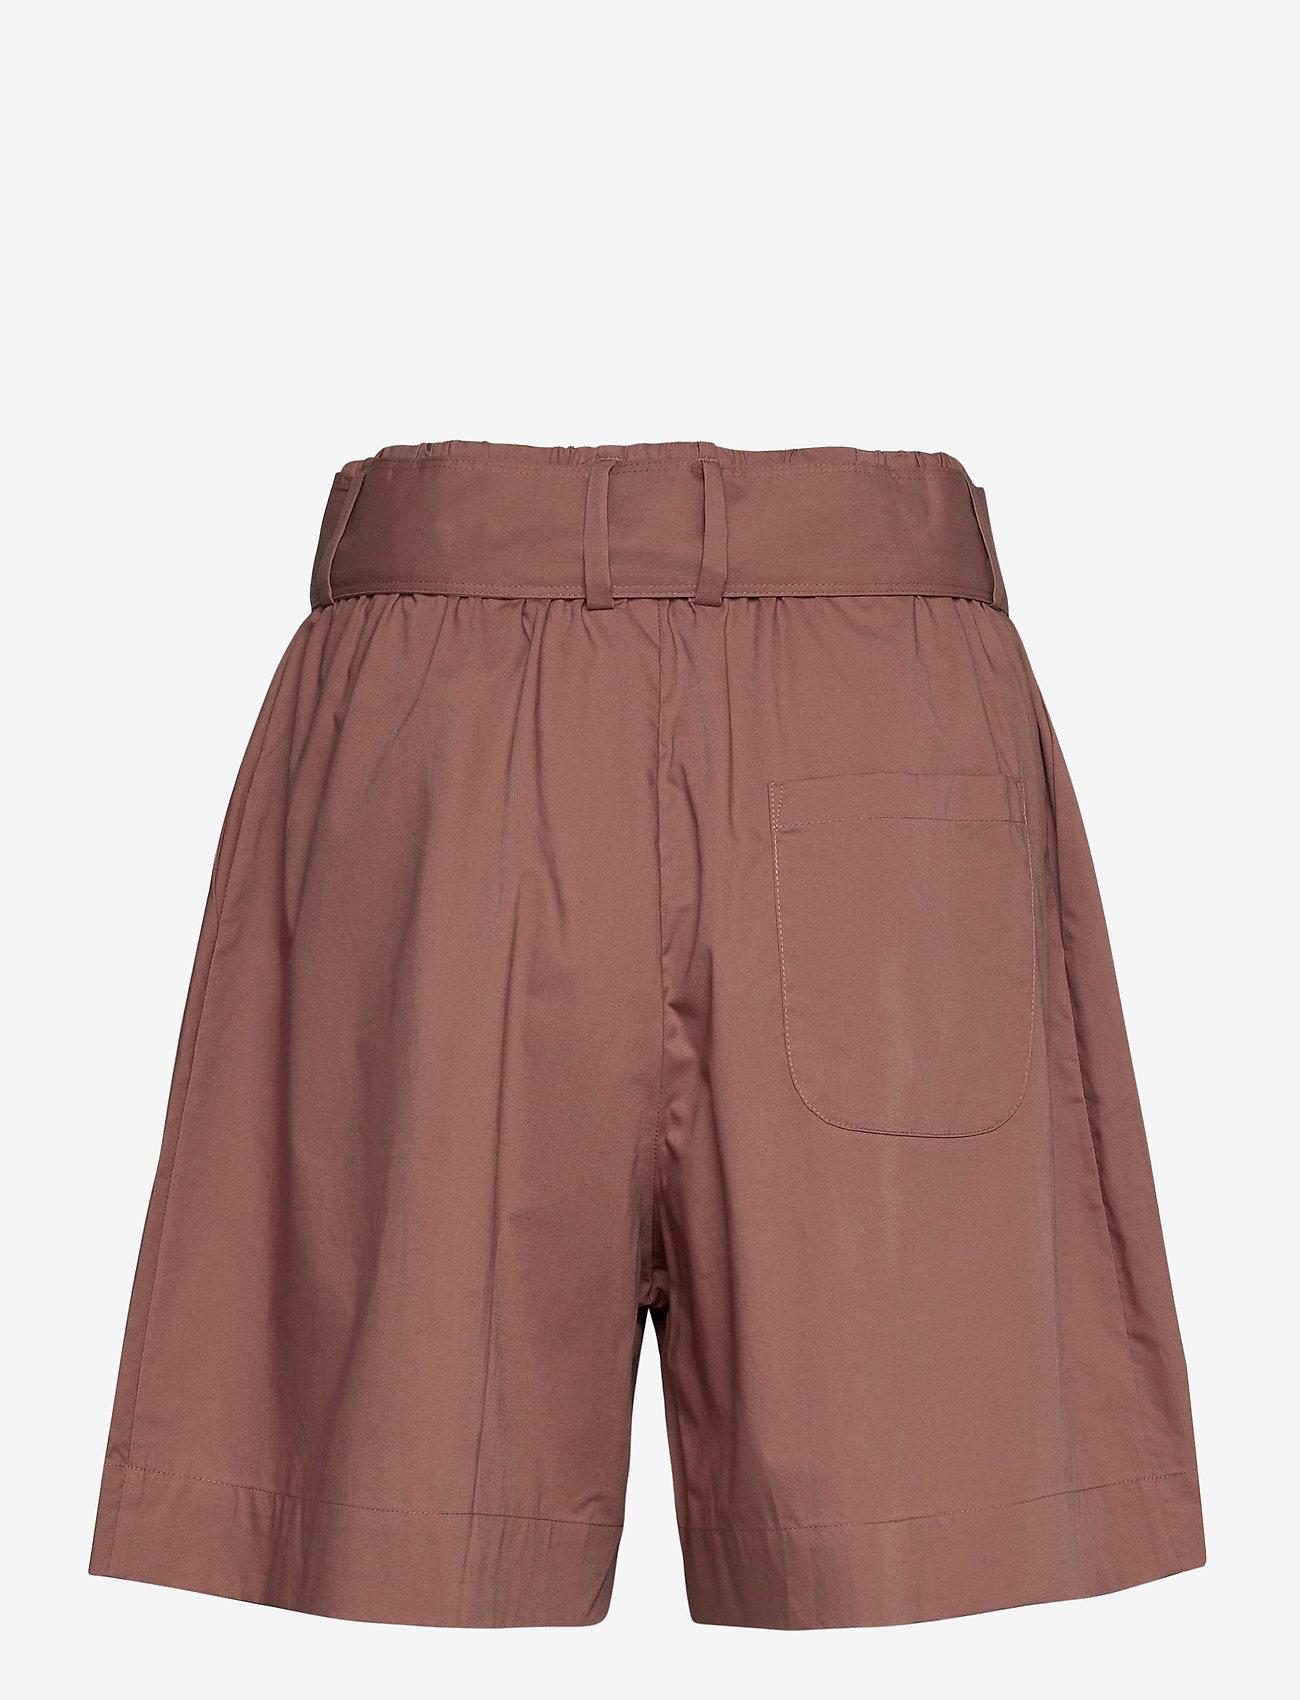 Noa Noa - Shorts - paper bag shorts - cognac - 1